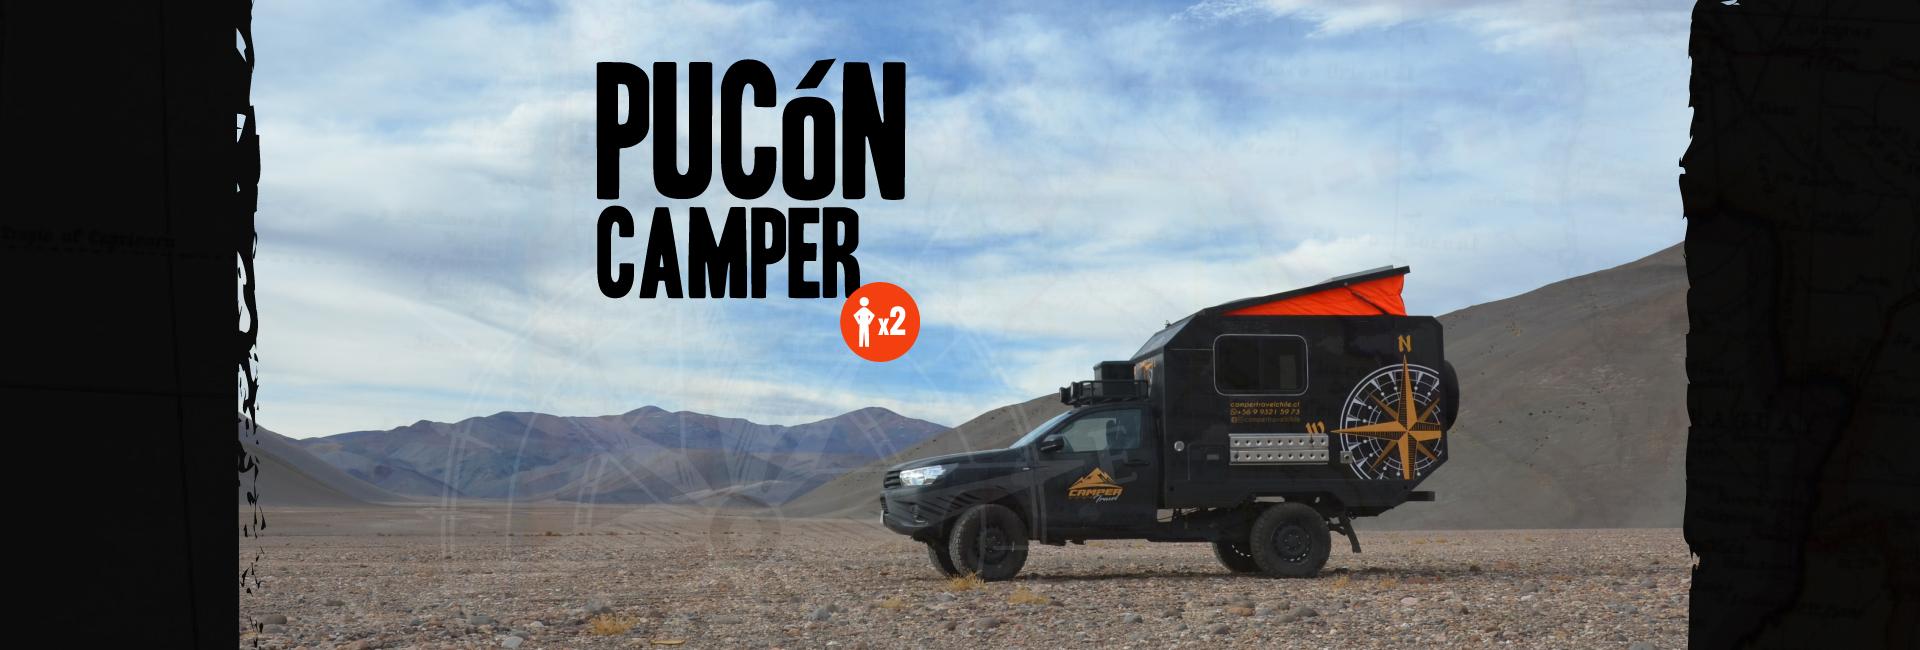 banner-camper-pu